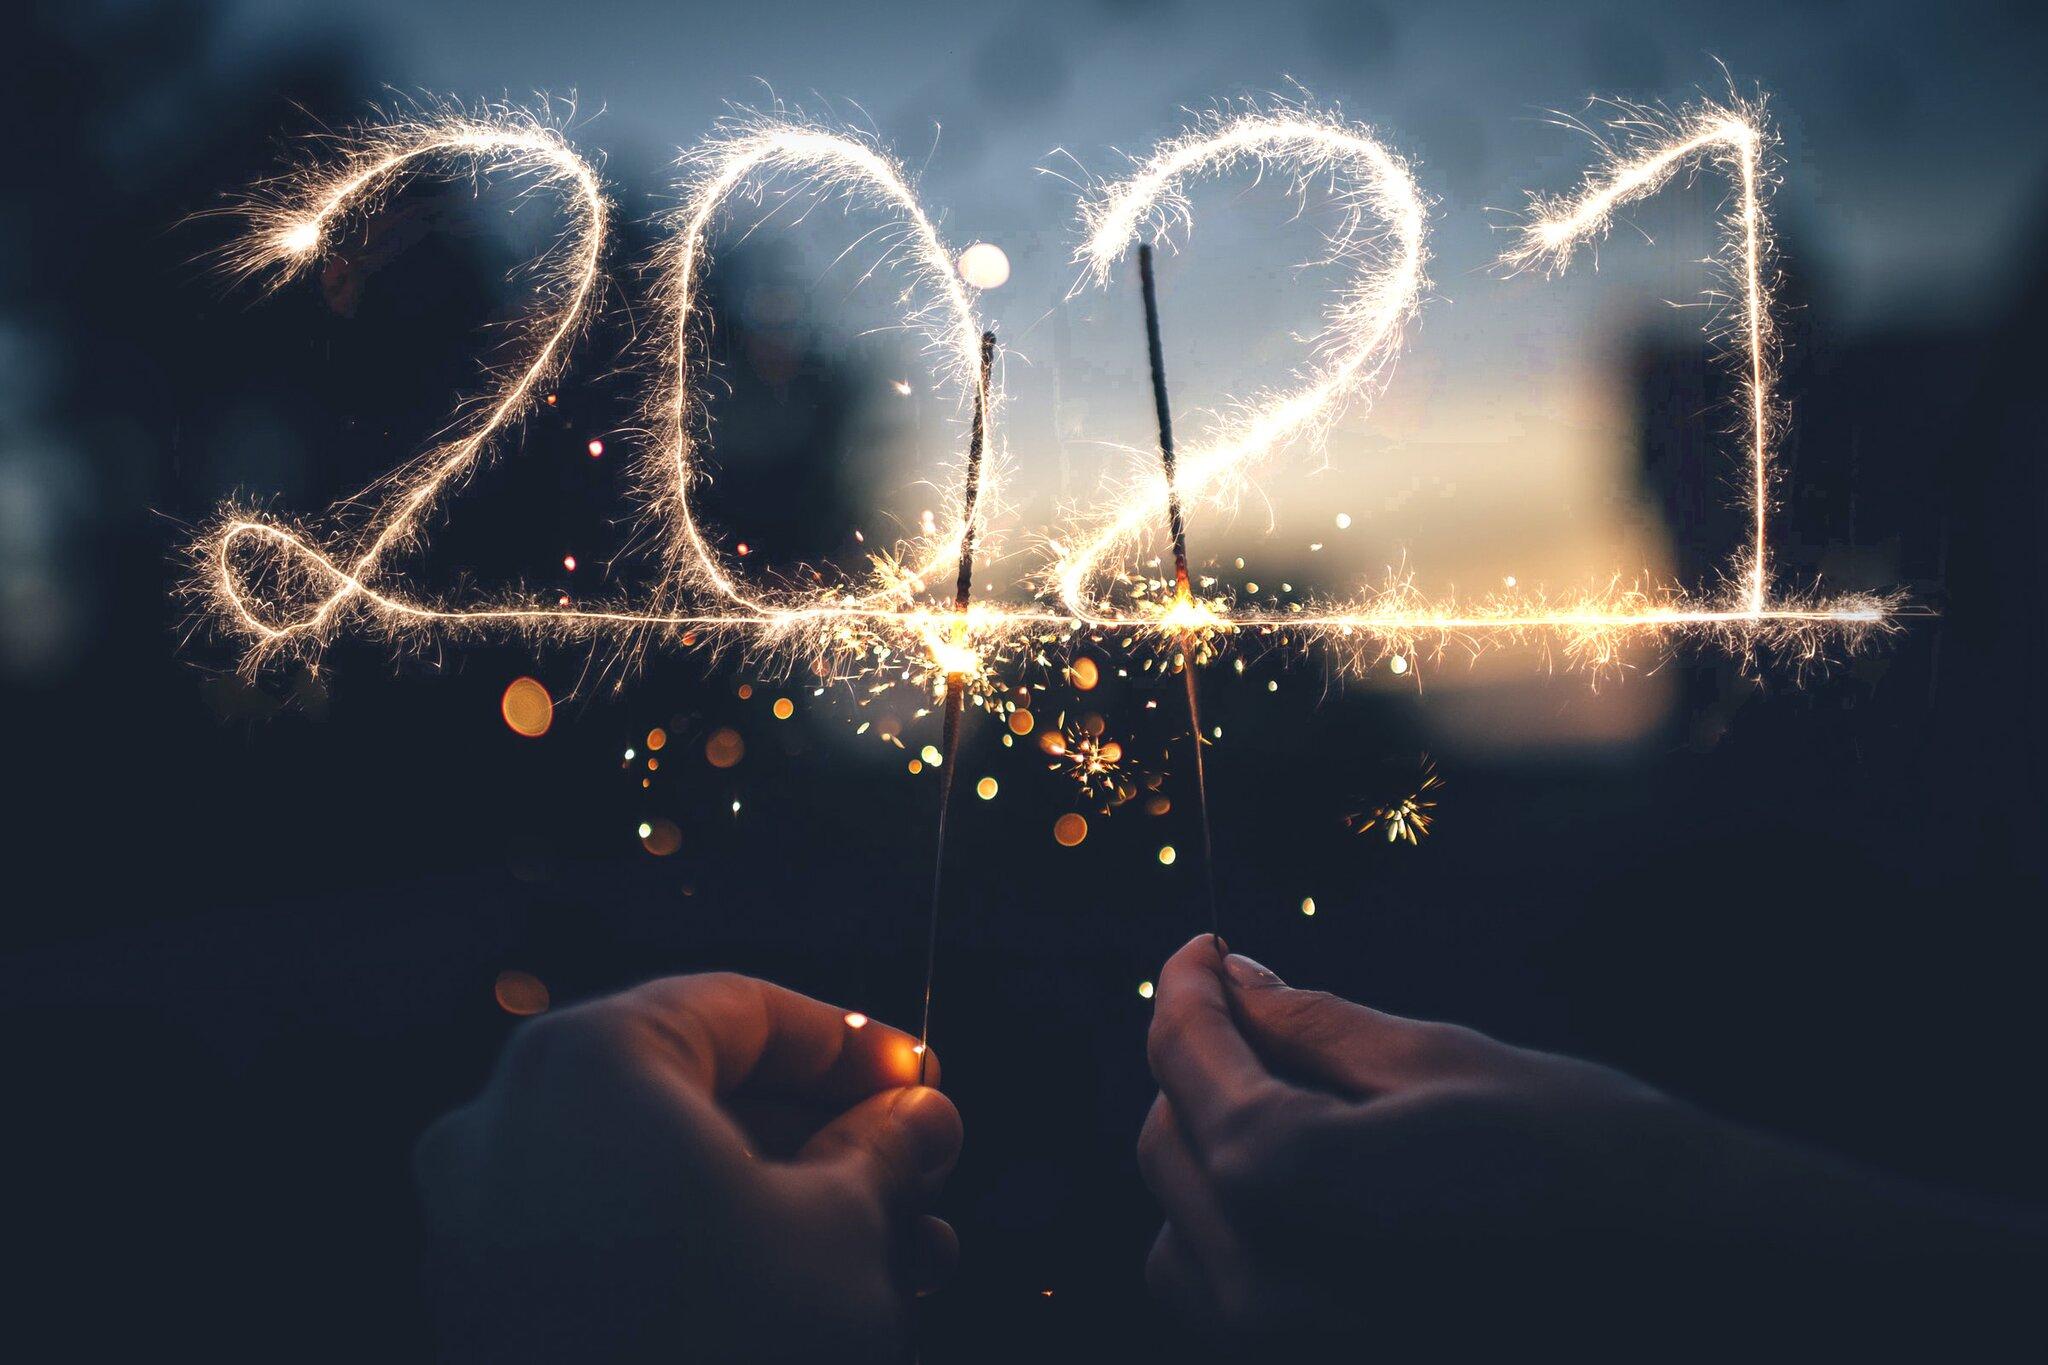 WГјnsche Dir Einen Guten Rutsch Ins Neue Jahr